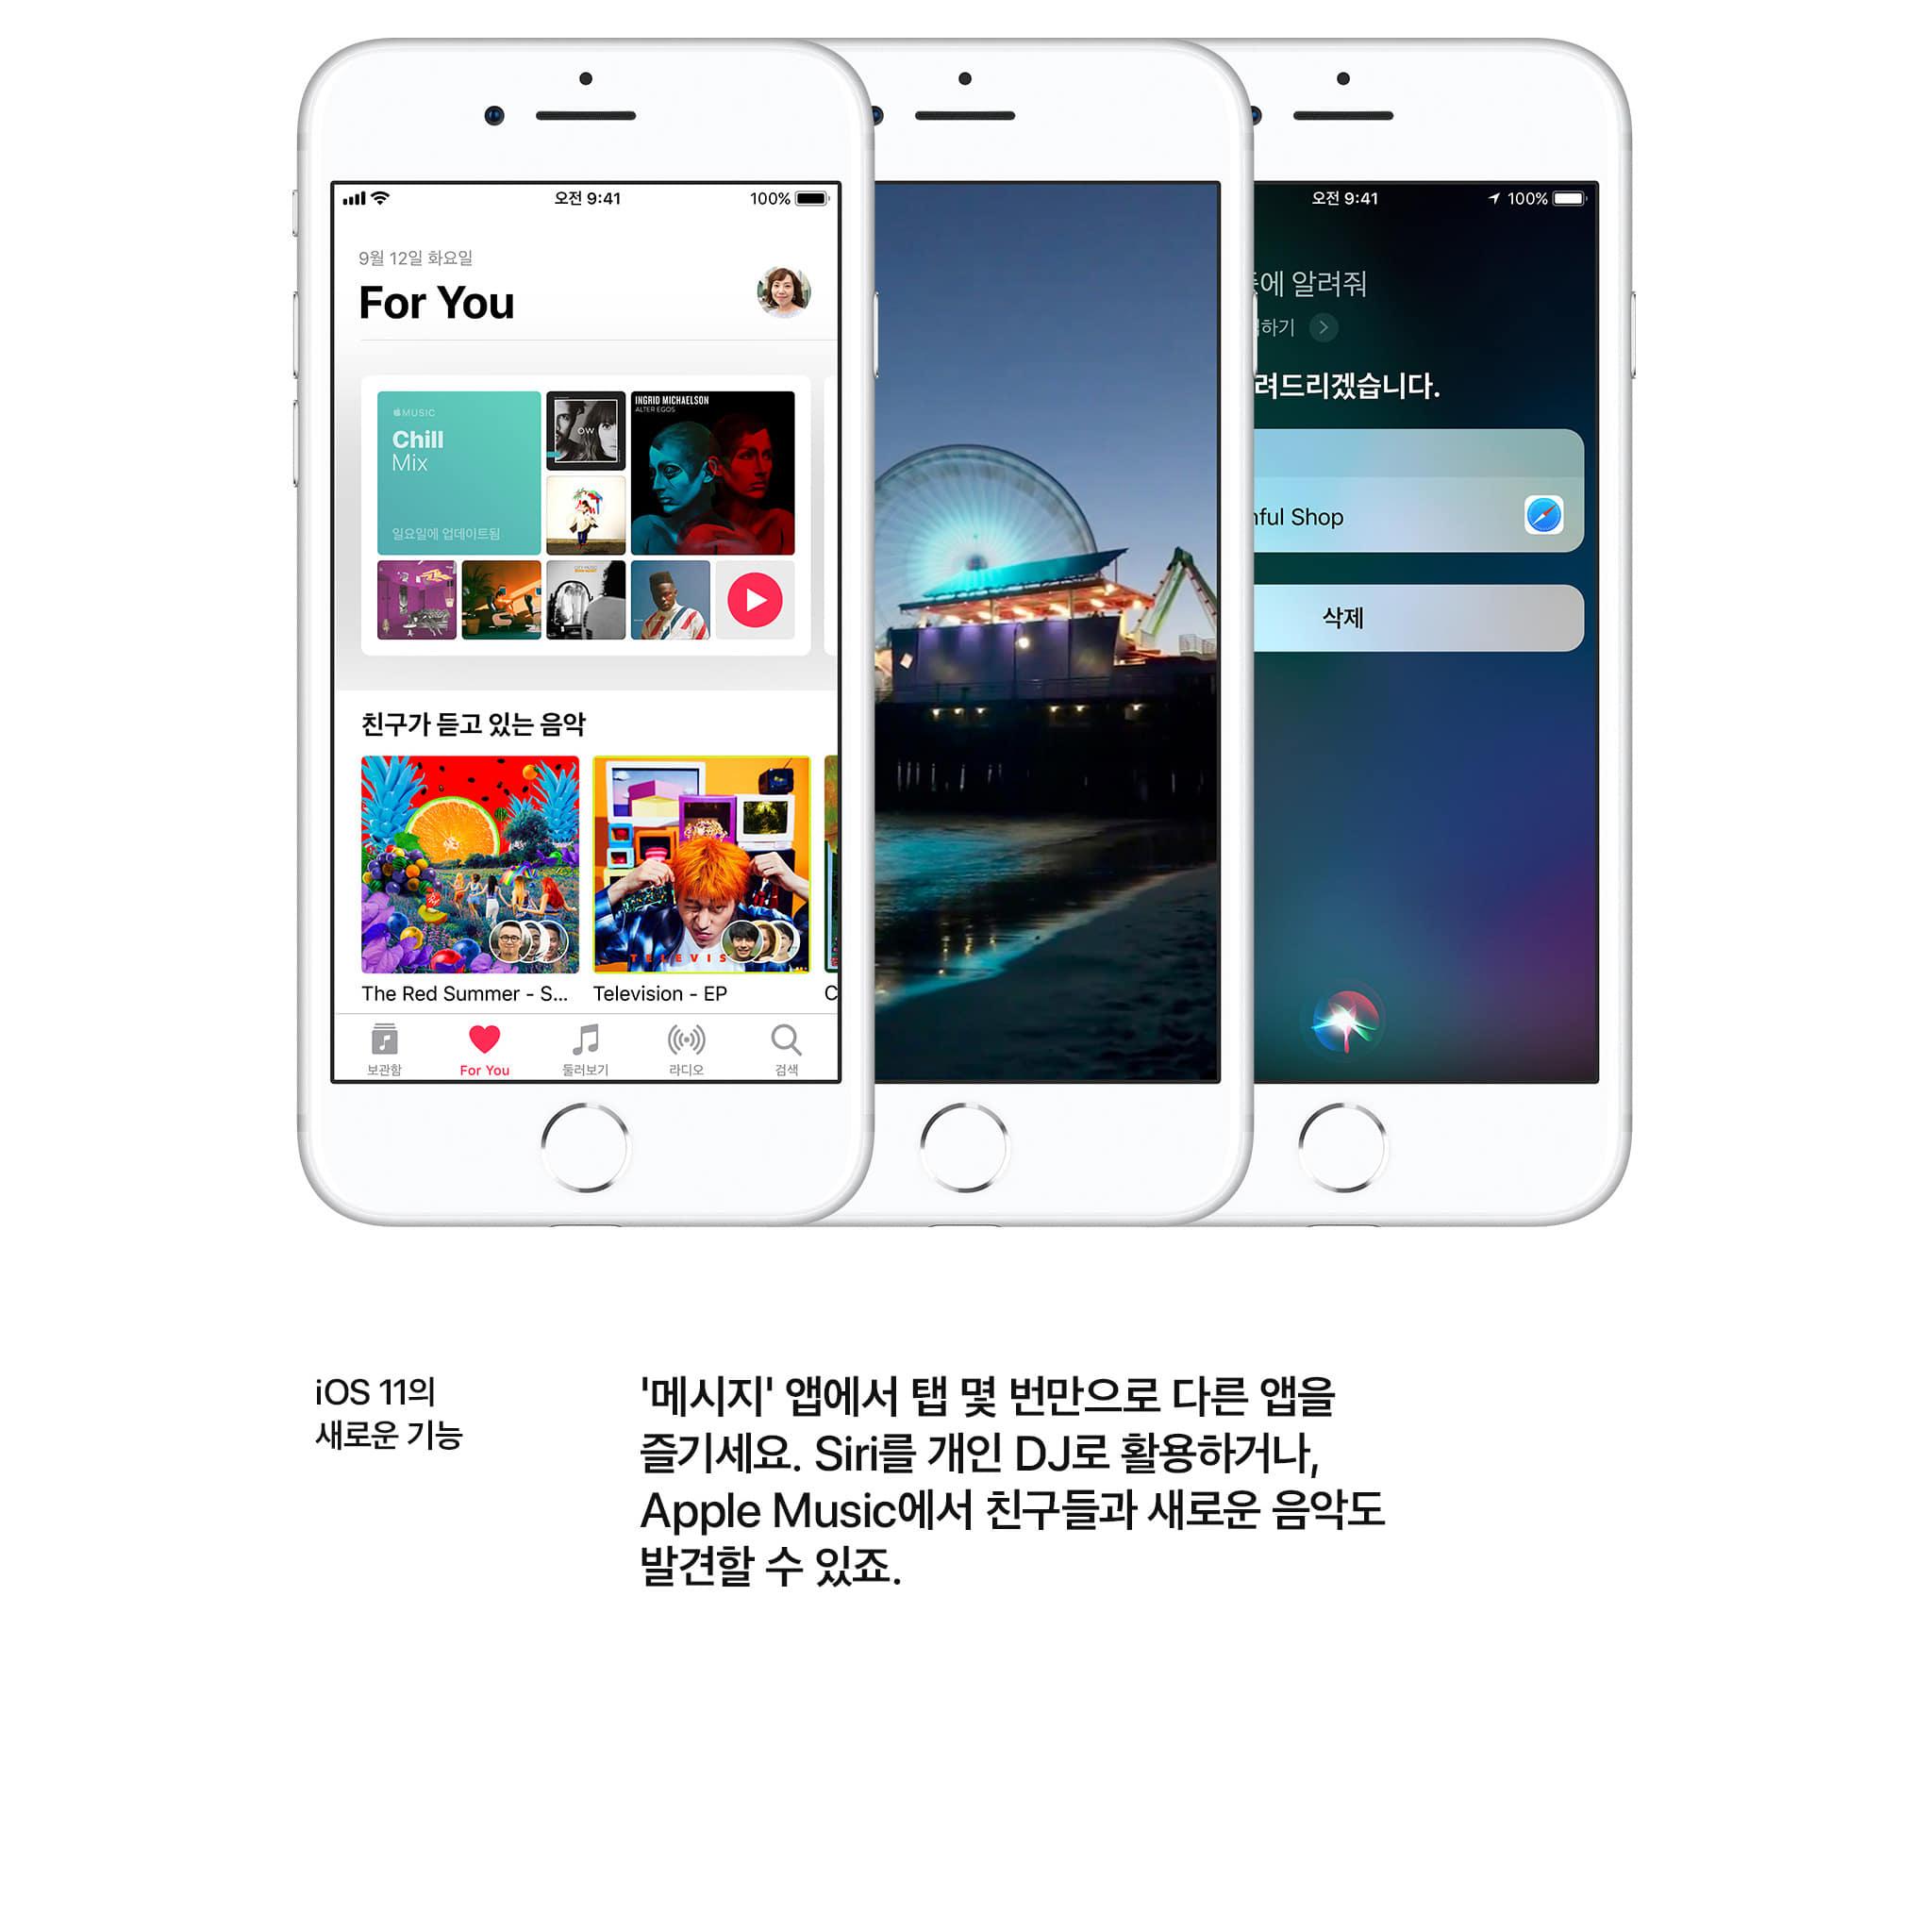 ios 11의 새로운 기능 메세지 앱에서 탭 몇번만으로 다른 앱을 즐기세요. siri를 개인 dj로 활용하거나, apple music에서 친구듥롸 새로운 음악도 발견할 수 있죠.